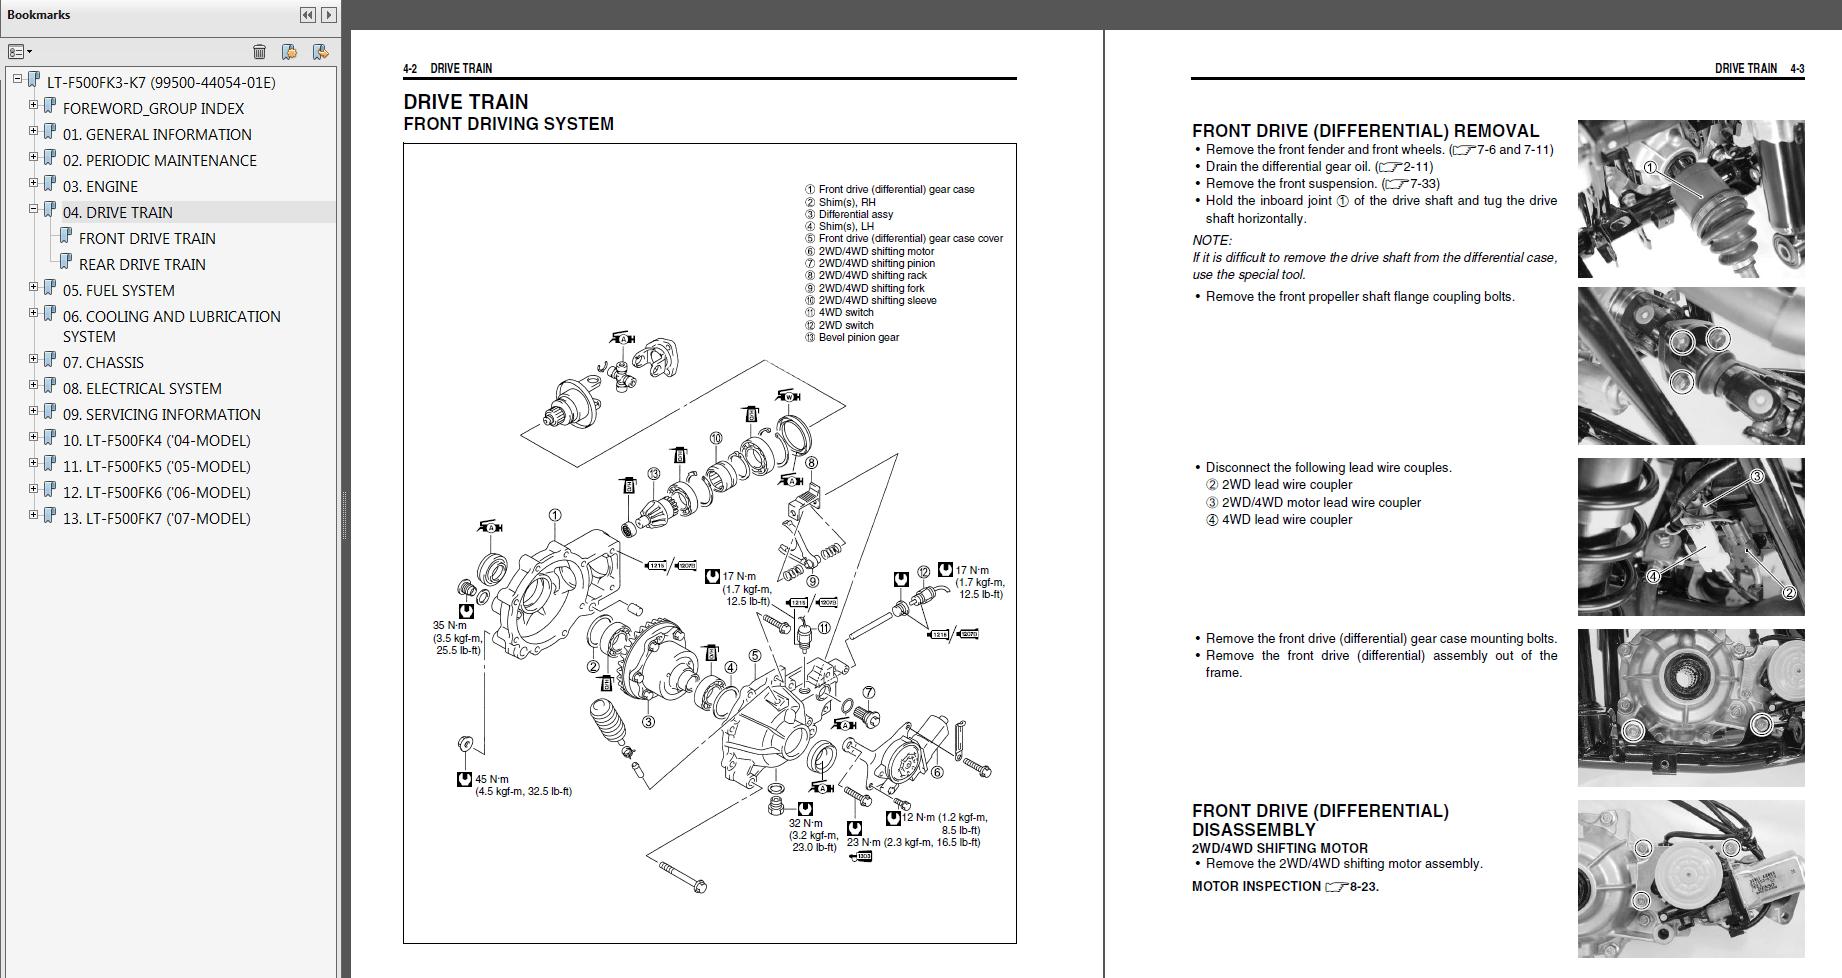 suzuki eiger 400 4x4 wiring diagram mitochondria and functions best library vinson data motorcycle schematics 4wd atv